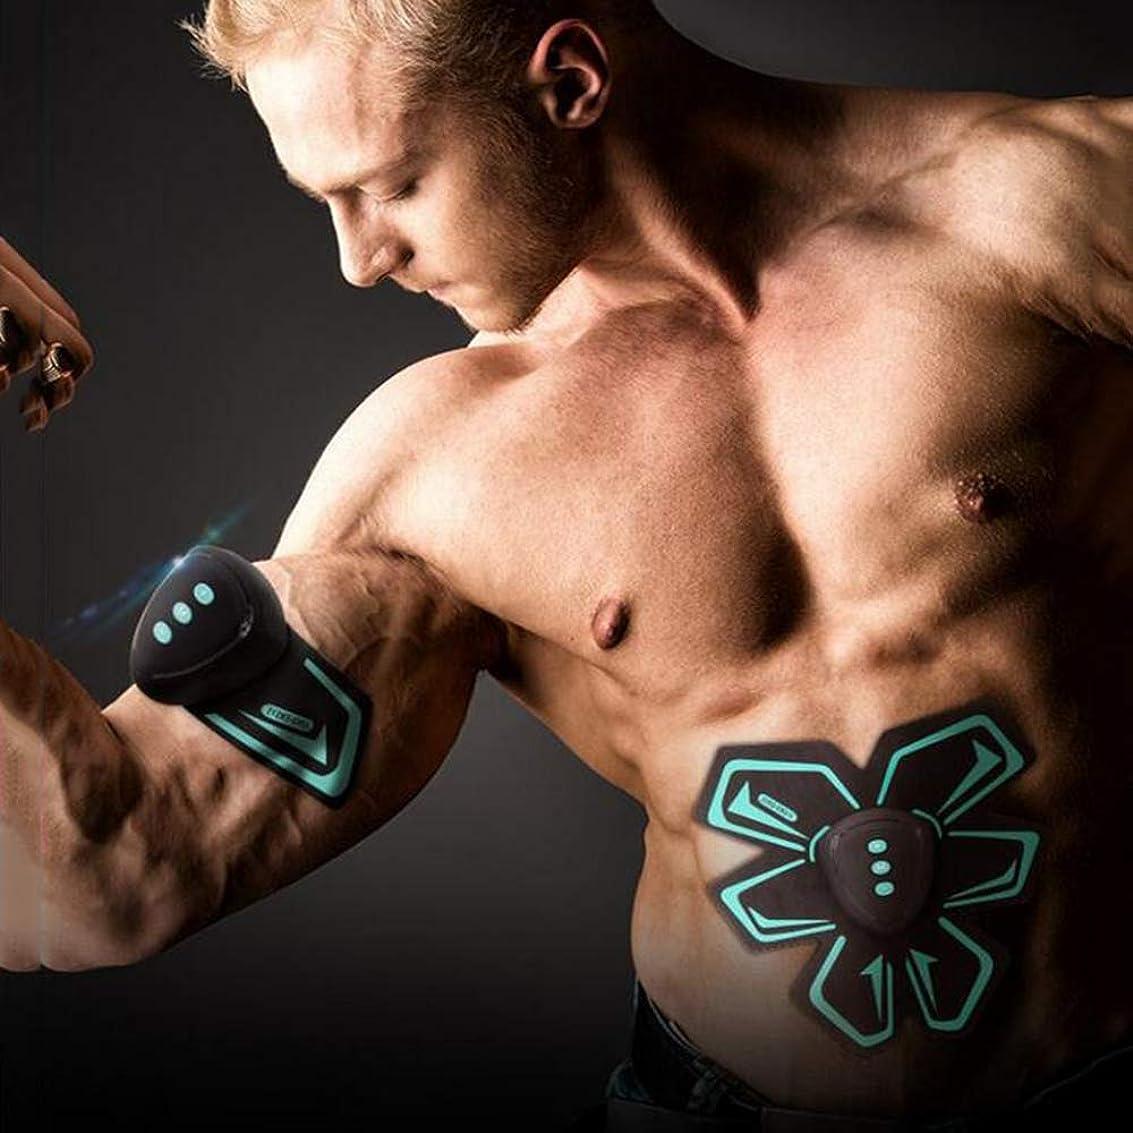 求める遡るよりUSB電気腹部トレーナーウエスト減量器具EMS筋肉刺激装置ポータブルスポーツ腹部筋肉フィットネス機器ユニセックス